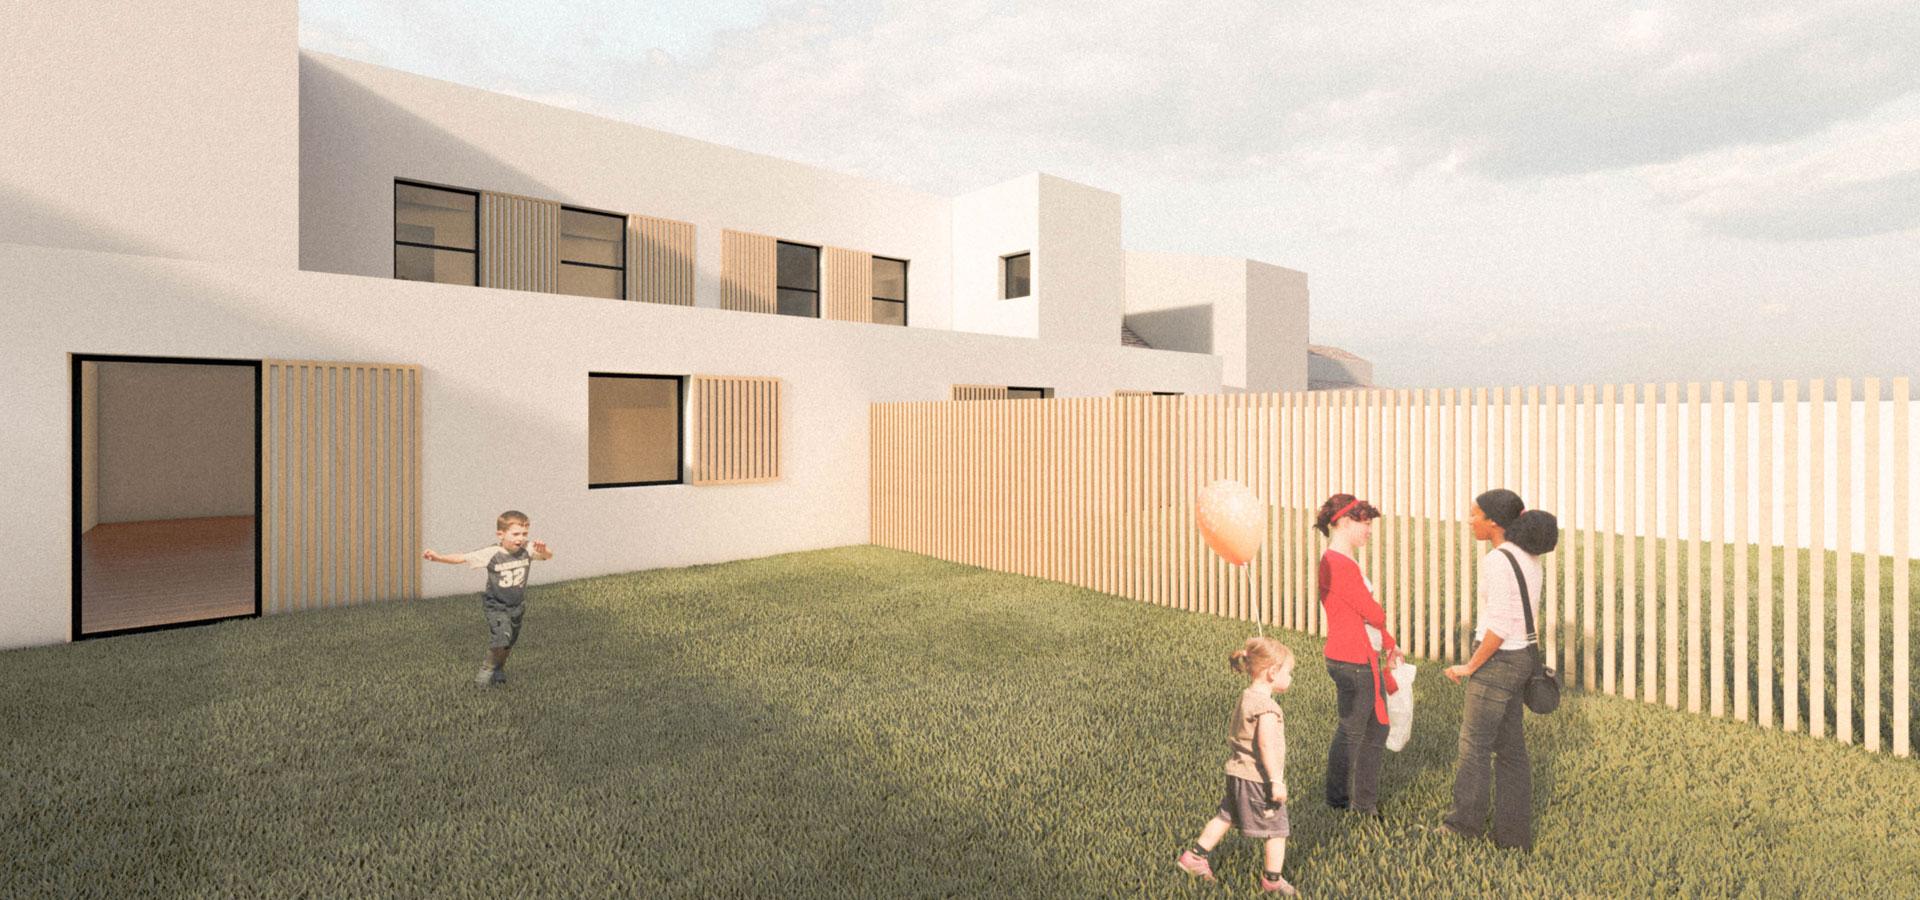 Viviendas-modulares-en-Palma-de-Mallorca-abiertas